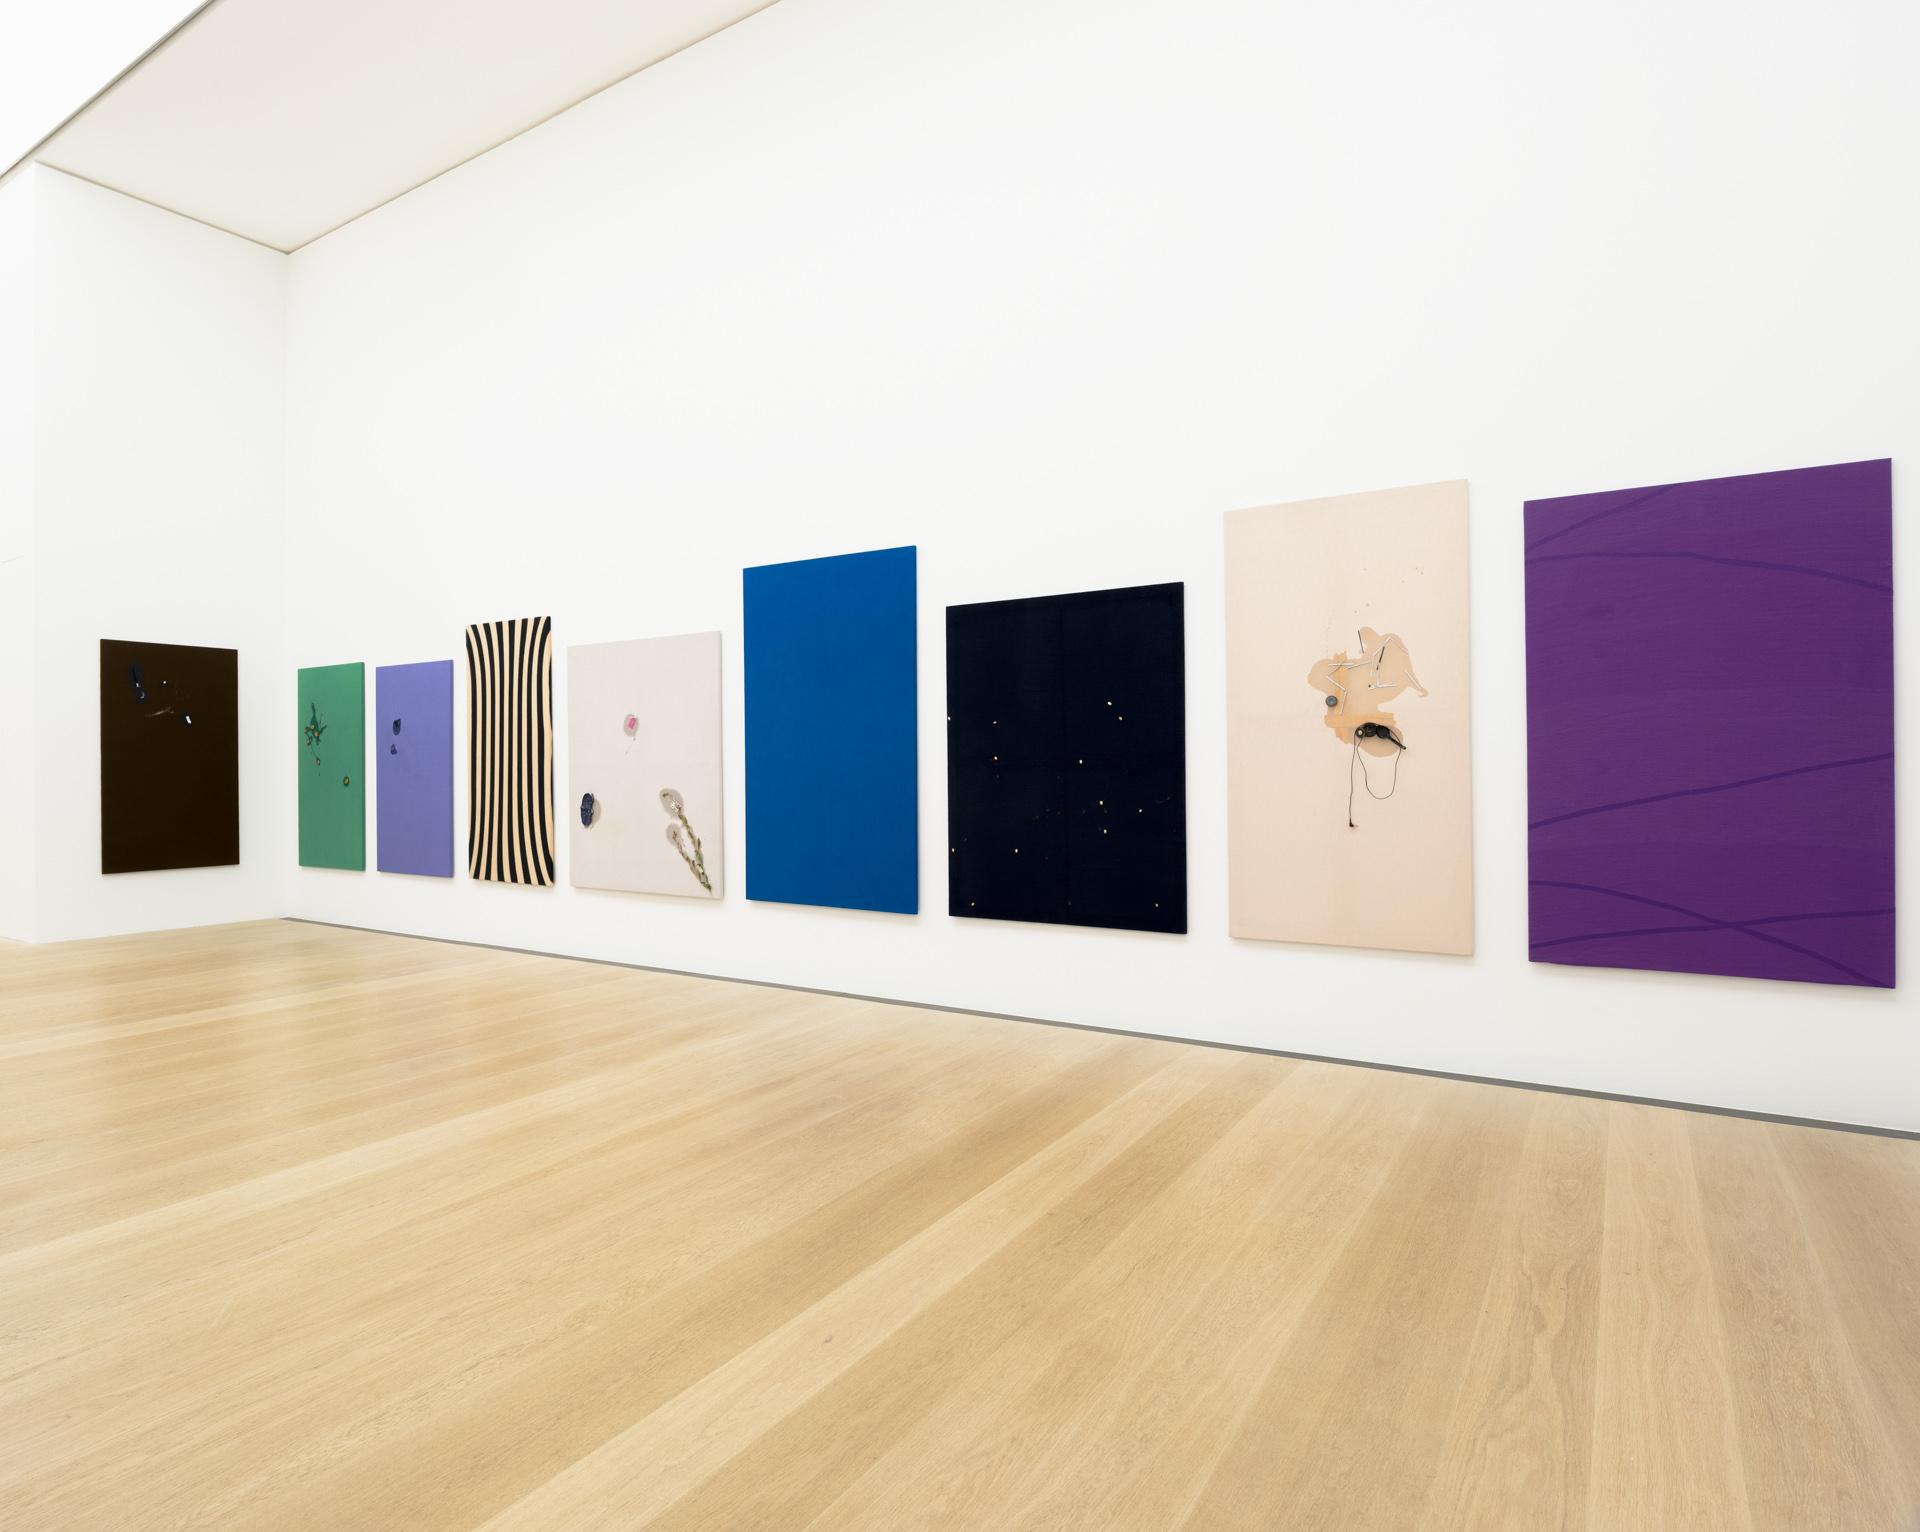 Ausstellungsfotografie: Raumansicht mit Arbeiten von Ricardo Paratore in der Ausstellung zum Preis der Böttcherstraße, Kunsthalle Bremen